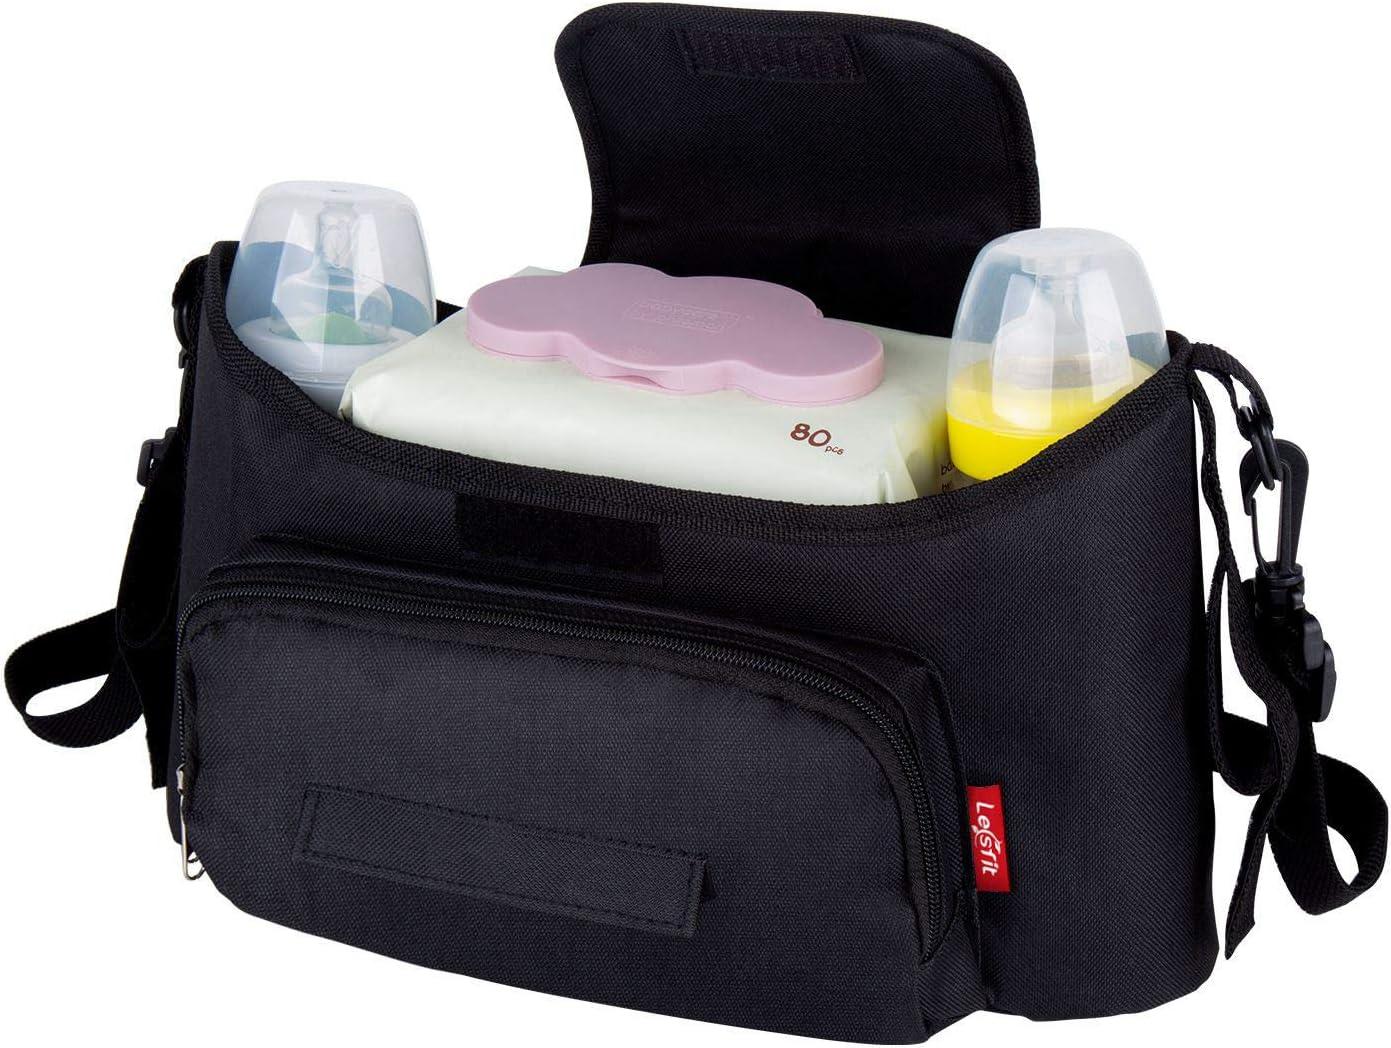 Organizador de Cochecito Bolsa, Lesfit Multifuncional Organizador para Bebé Carrito Impermeable con Dos Aislados para Botellas, Negro